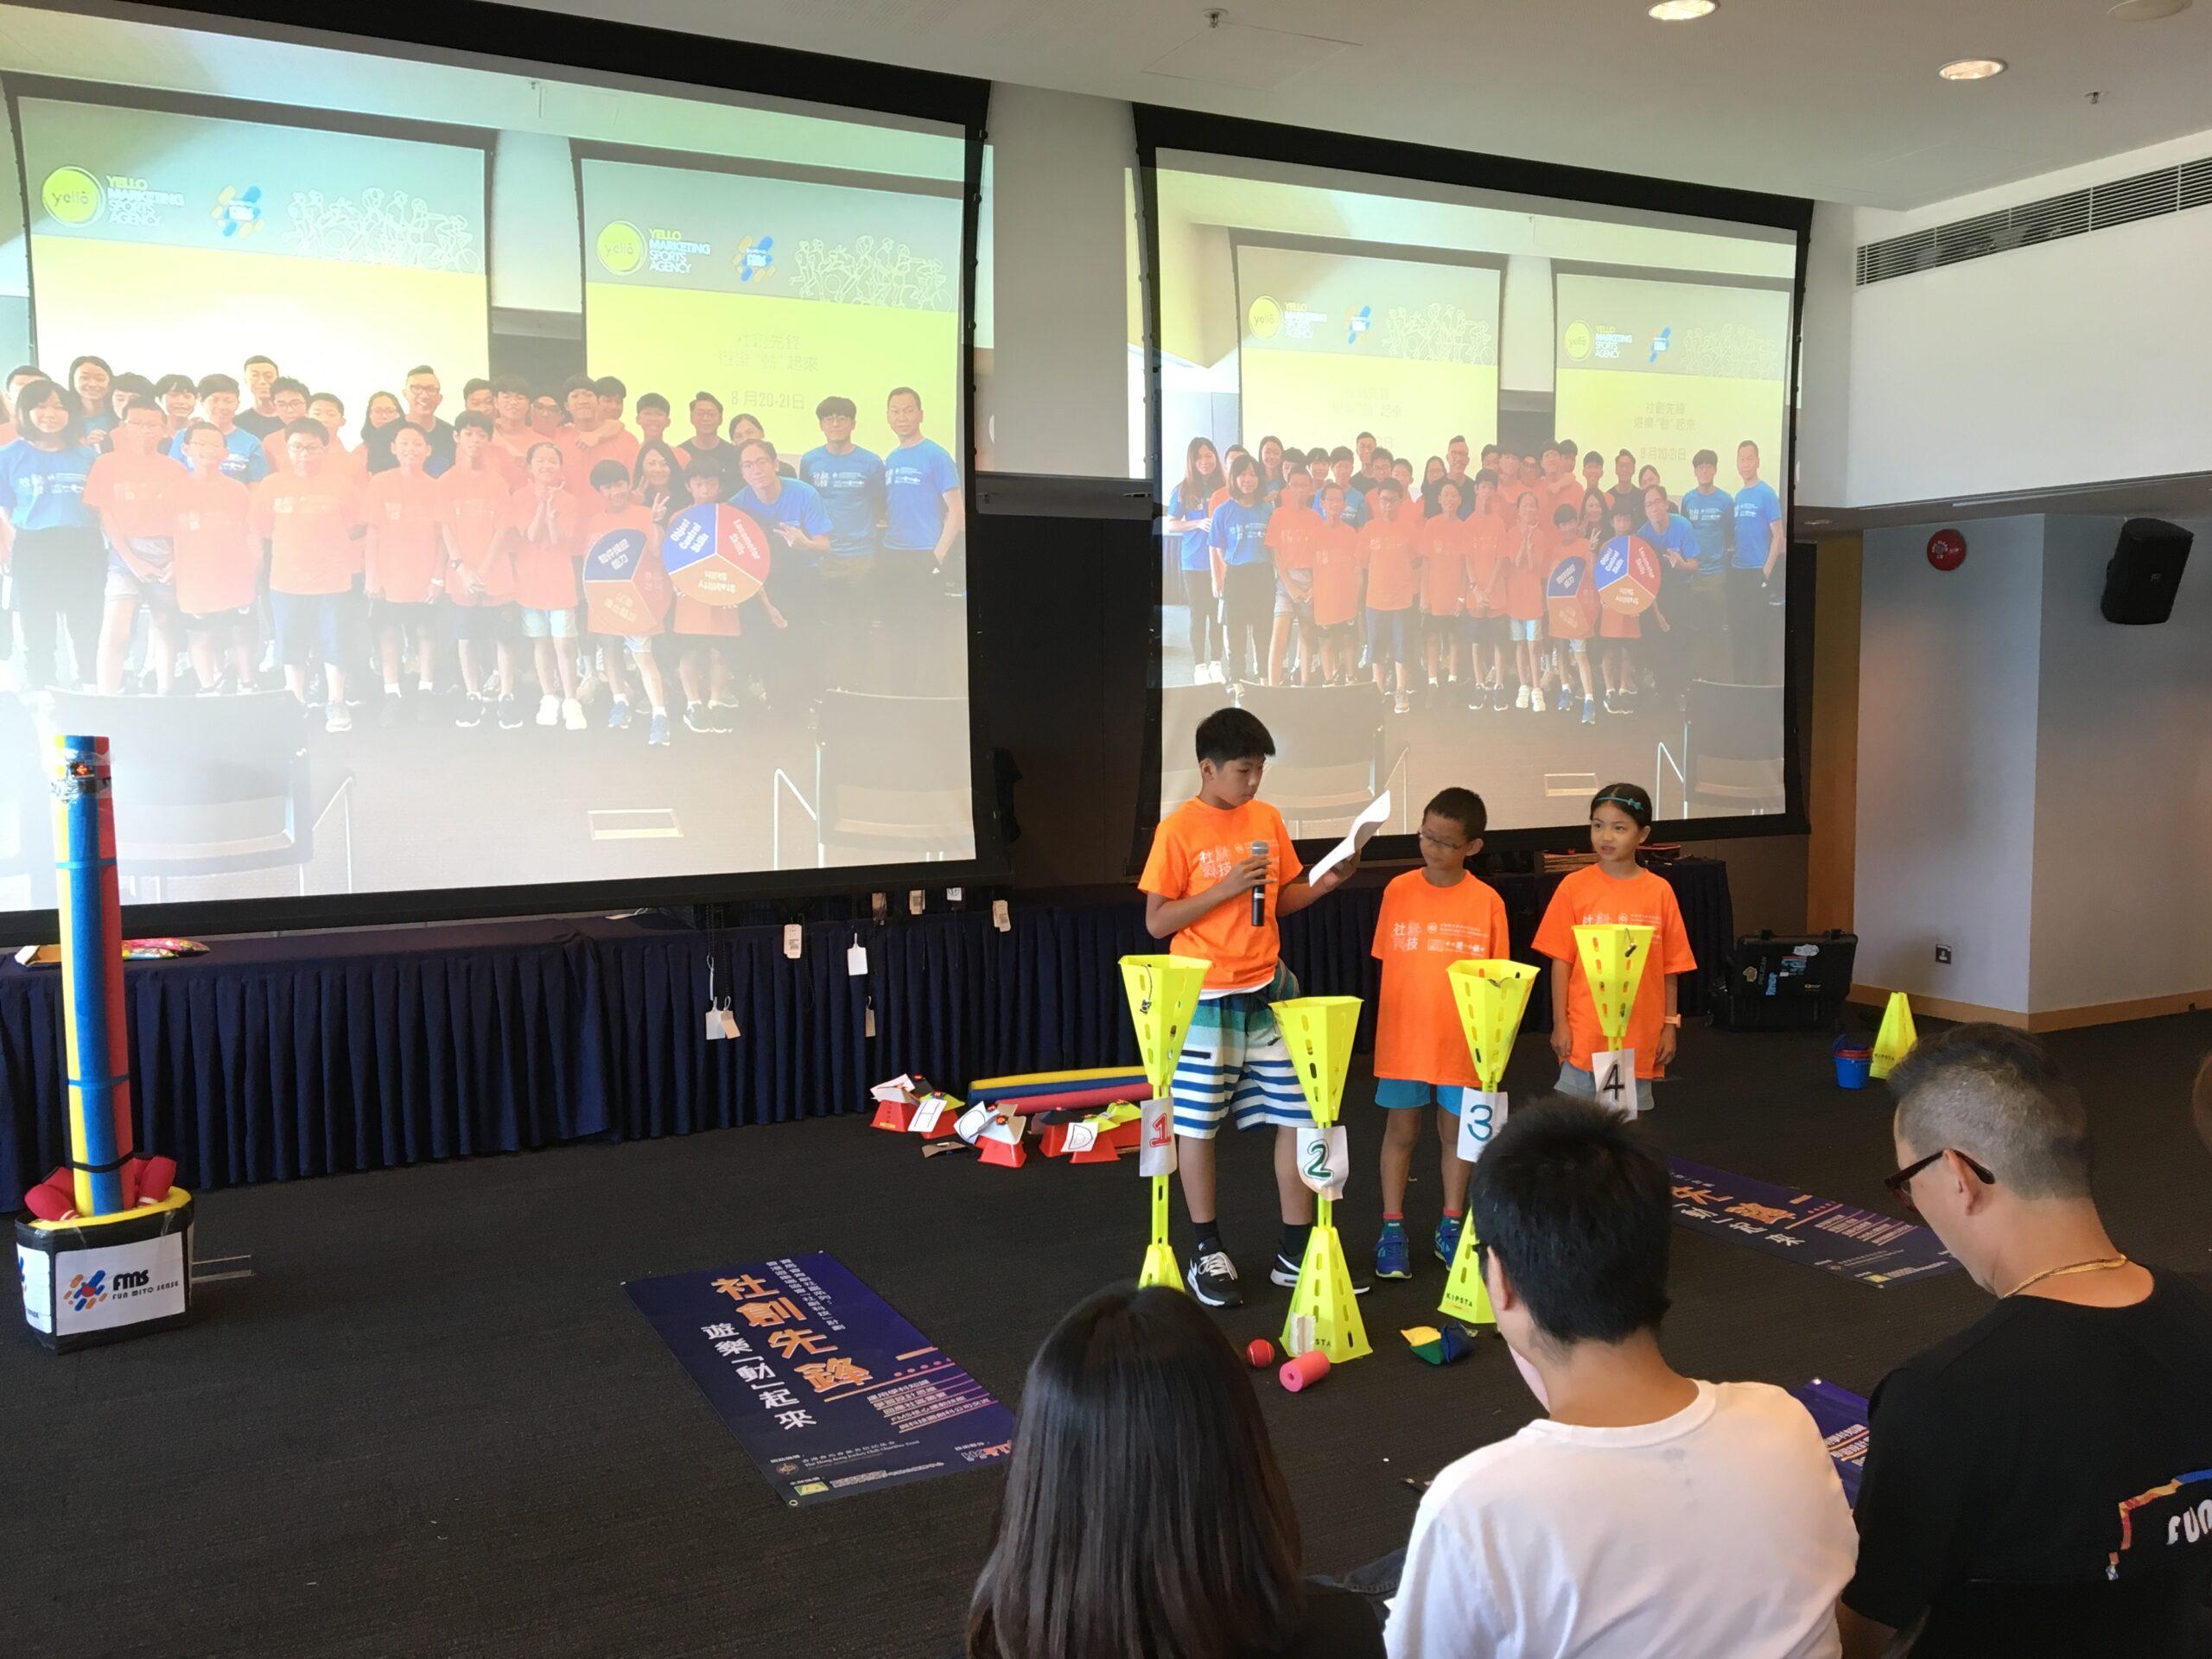 HKPA STEM boot camp at HKSTP 4